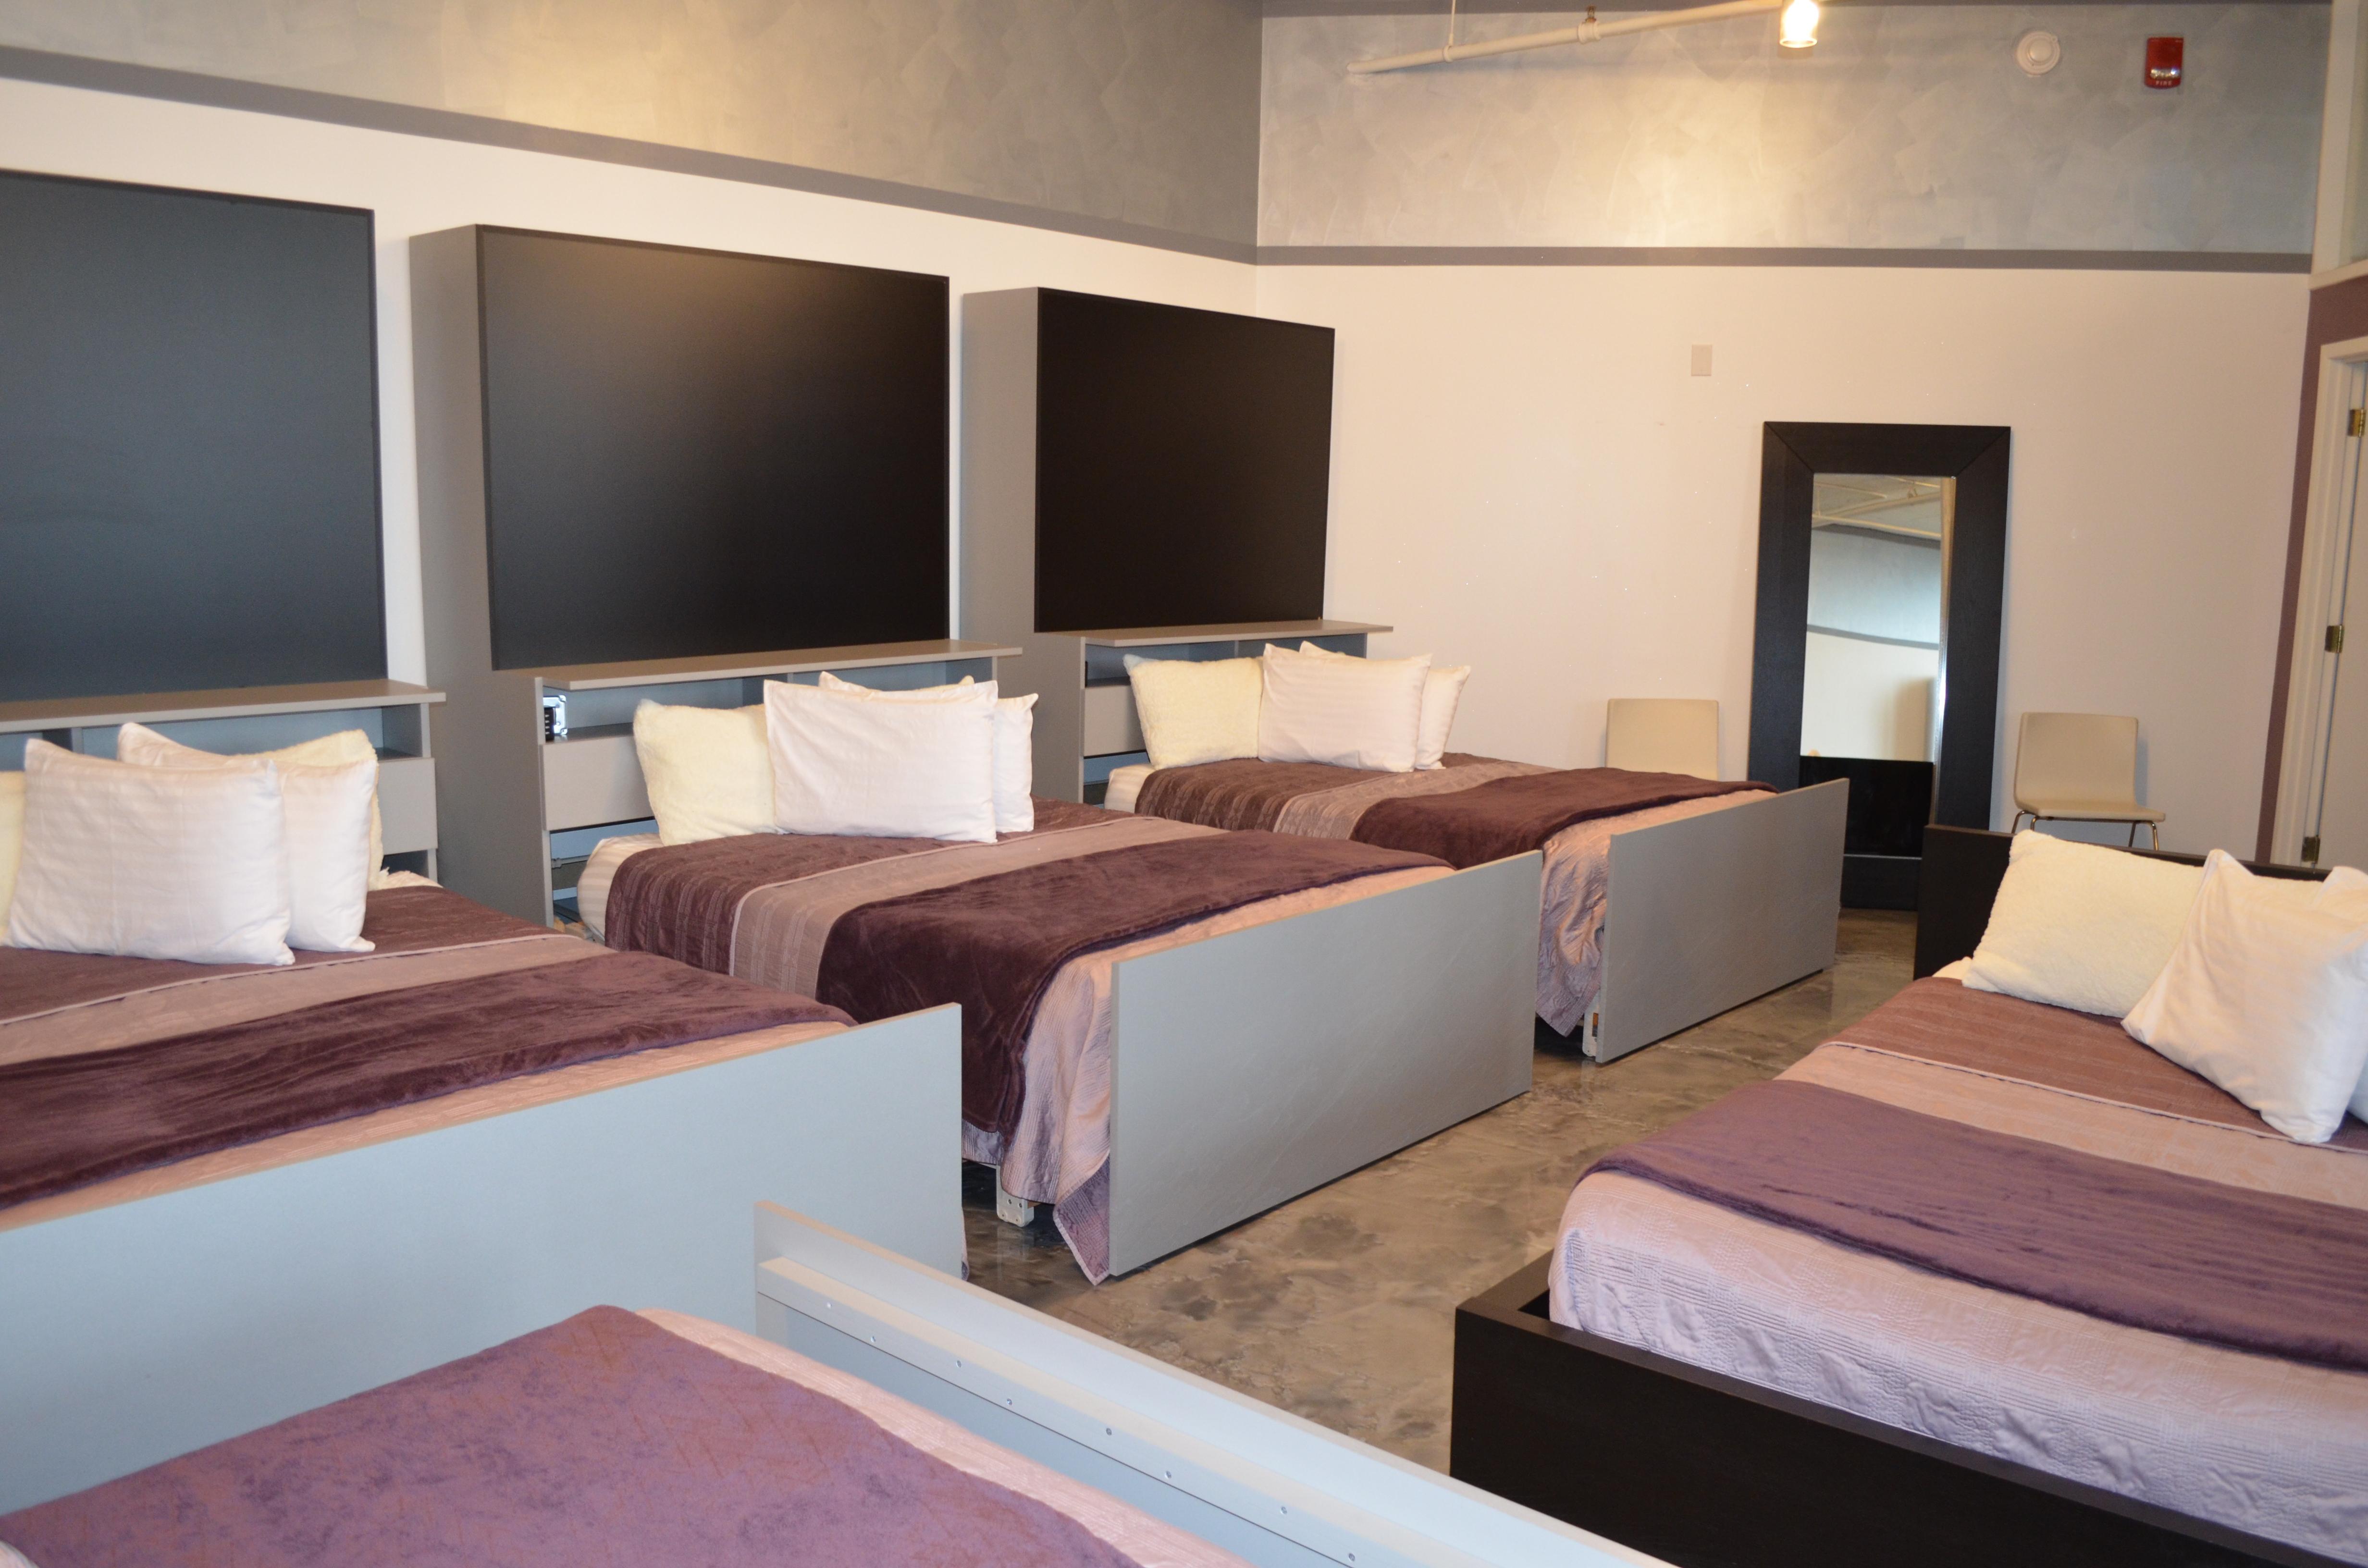 701 Beds